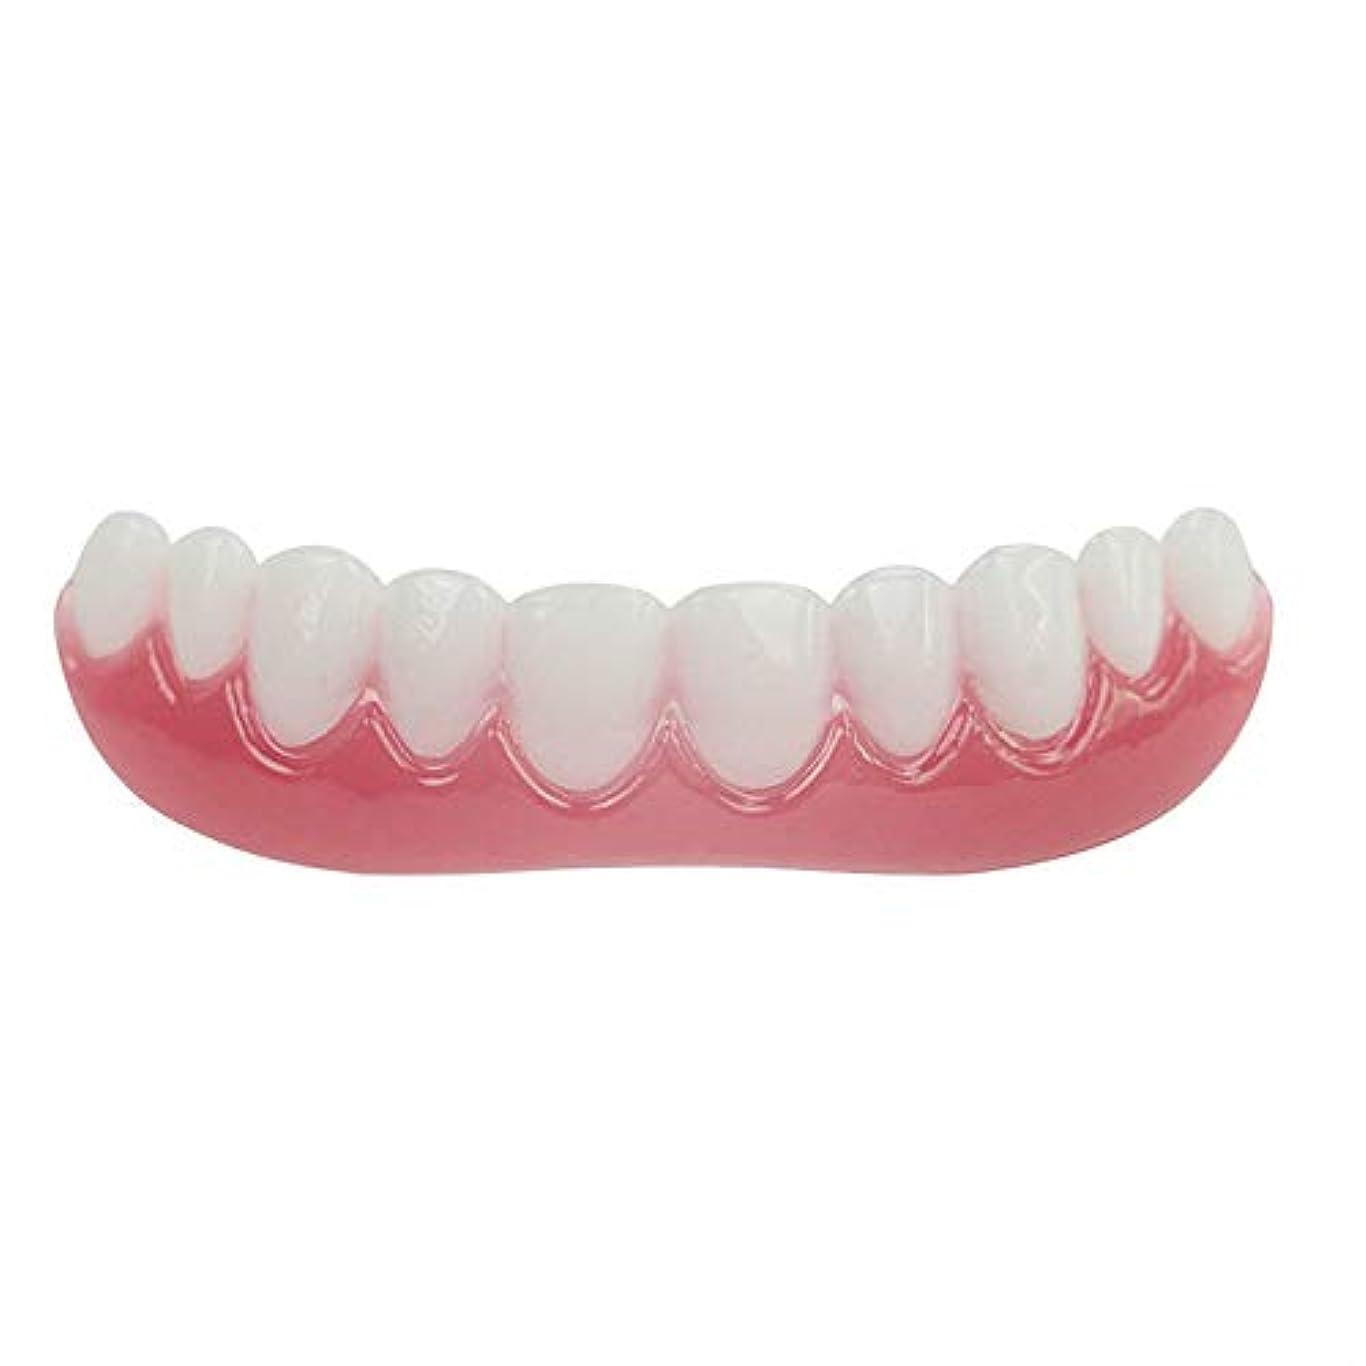 水族館エッセイ盆シリコーンシミュレーション義歯、歯科用ベニヤホワイトトゥースセット(3個),Colorbox,Lower